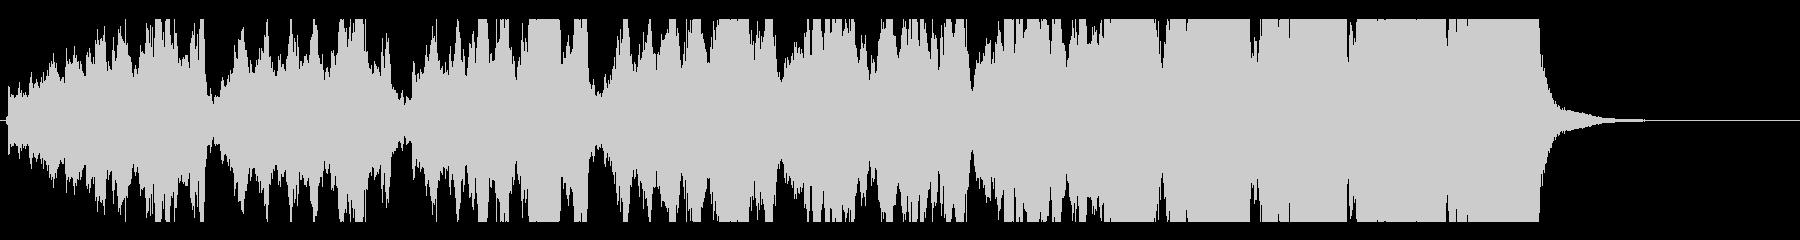 チェロトリオ ハロウィン 恐怖の未再生の波形